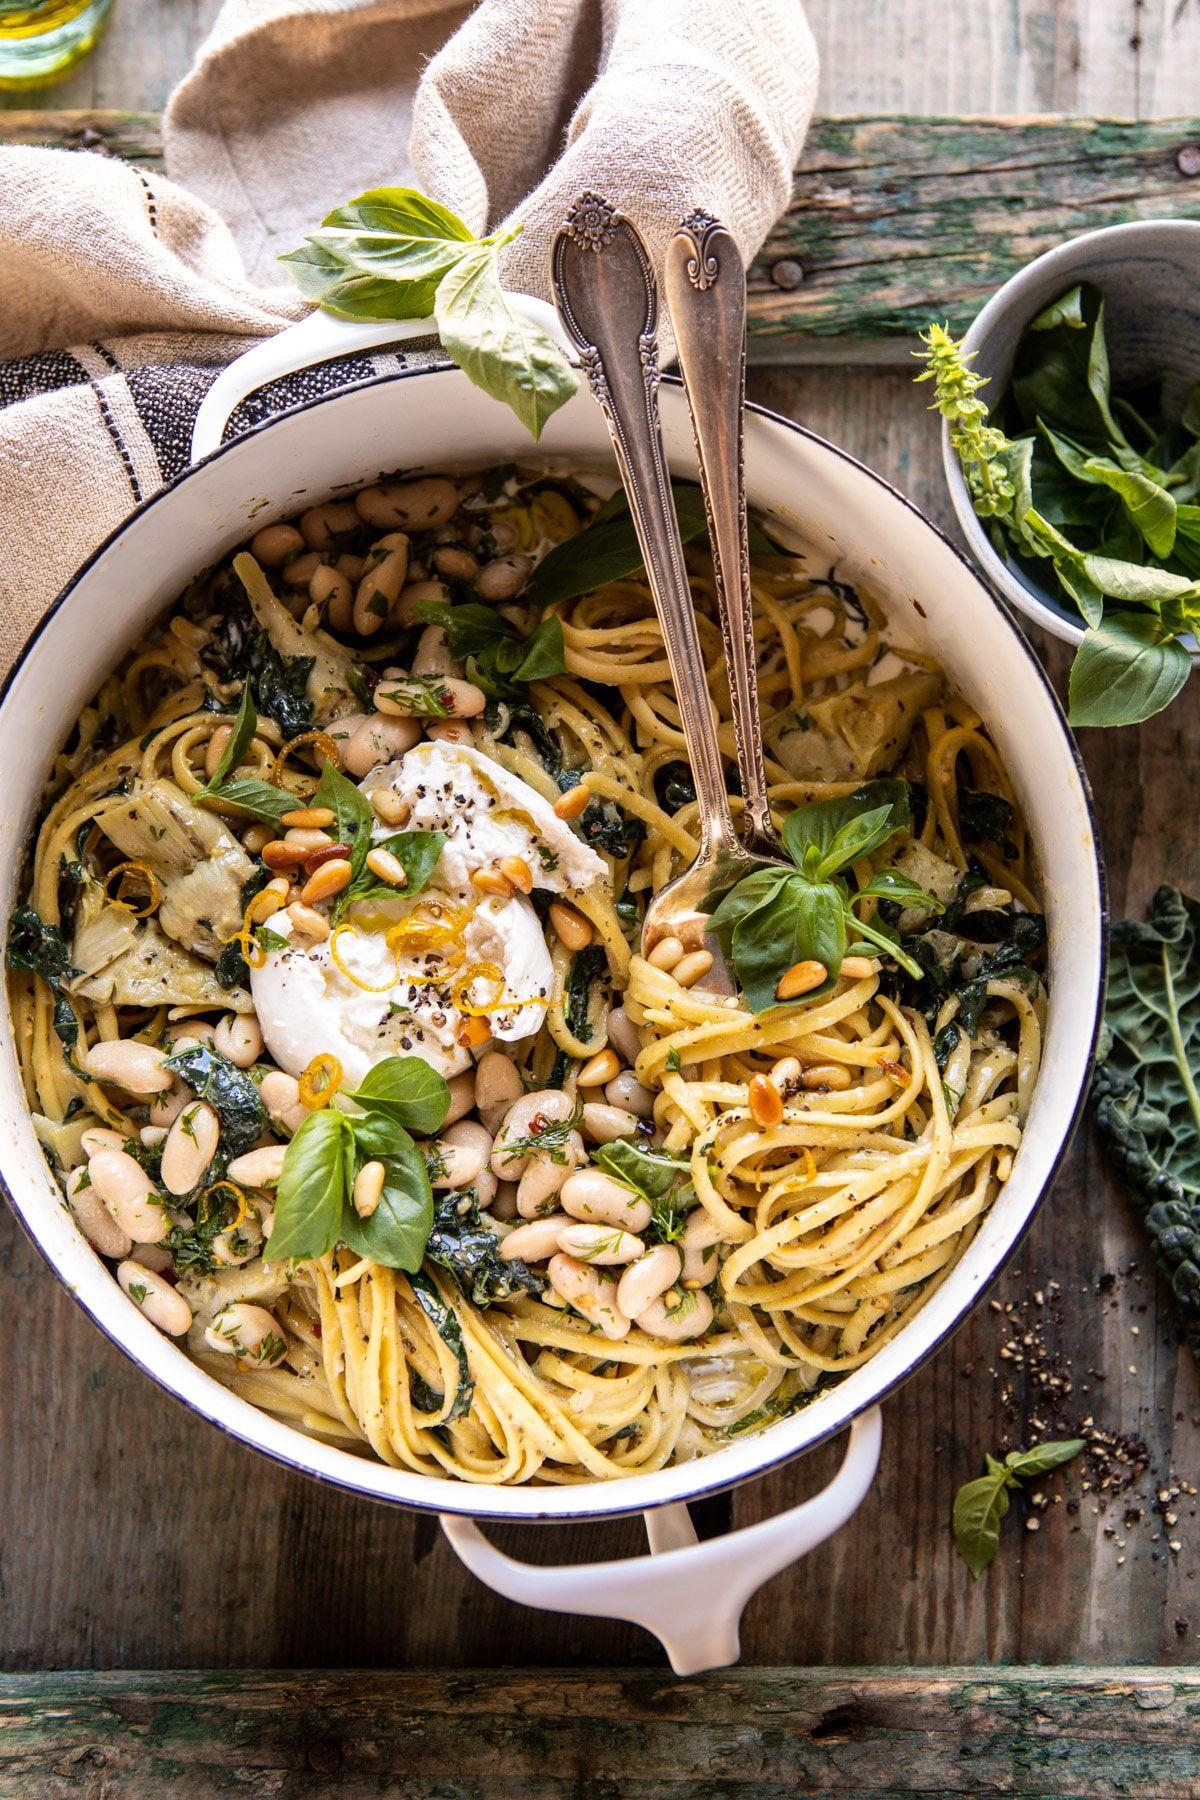 One Pot Creamy Tuscan Pesto and Artichoke Pasta.